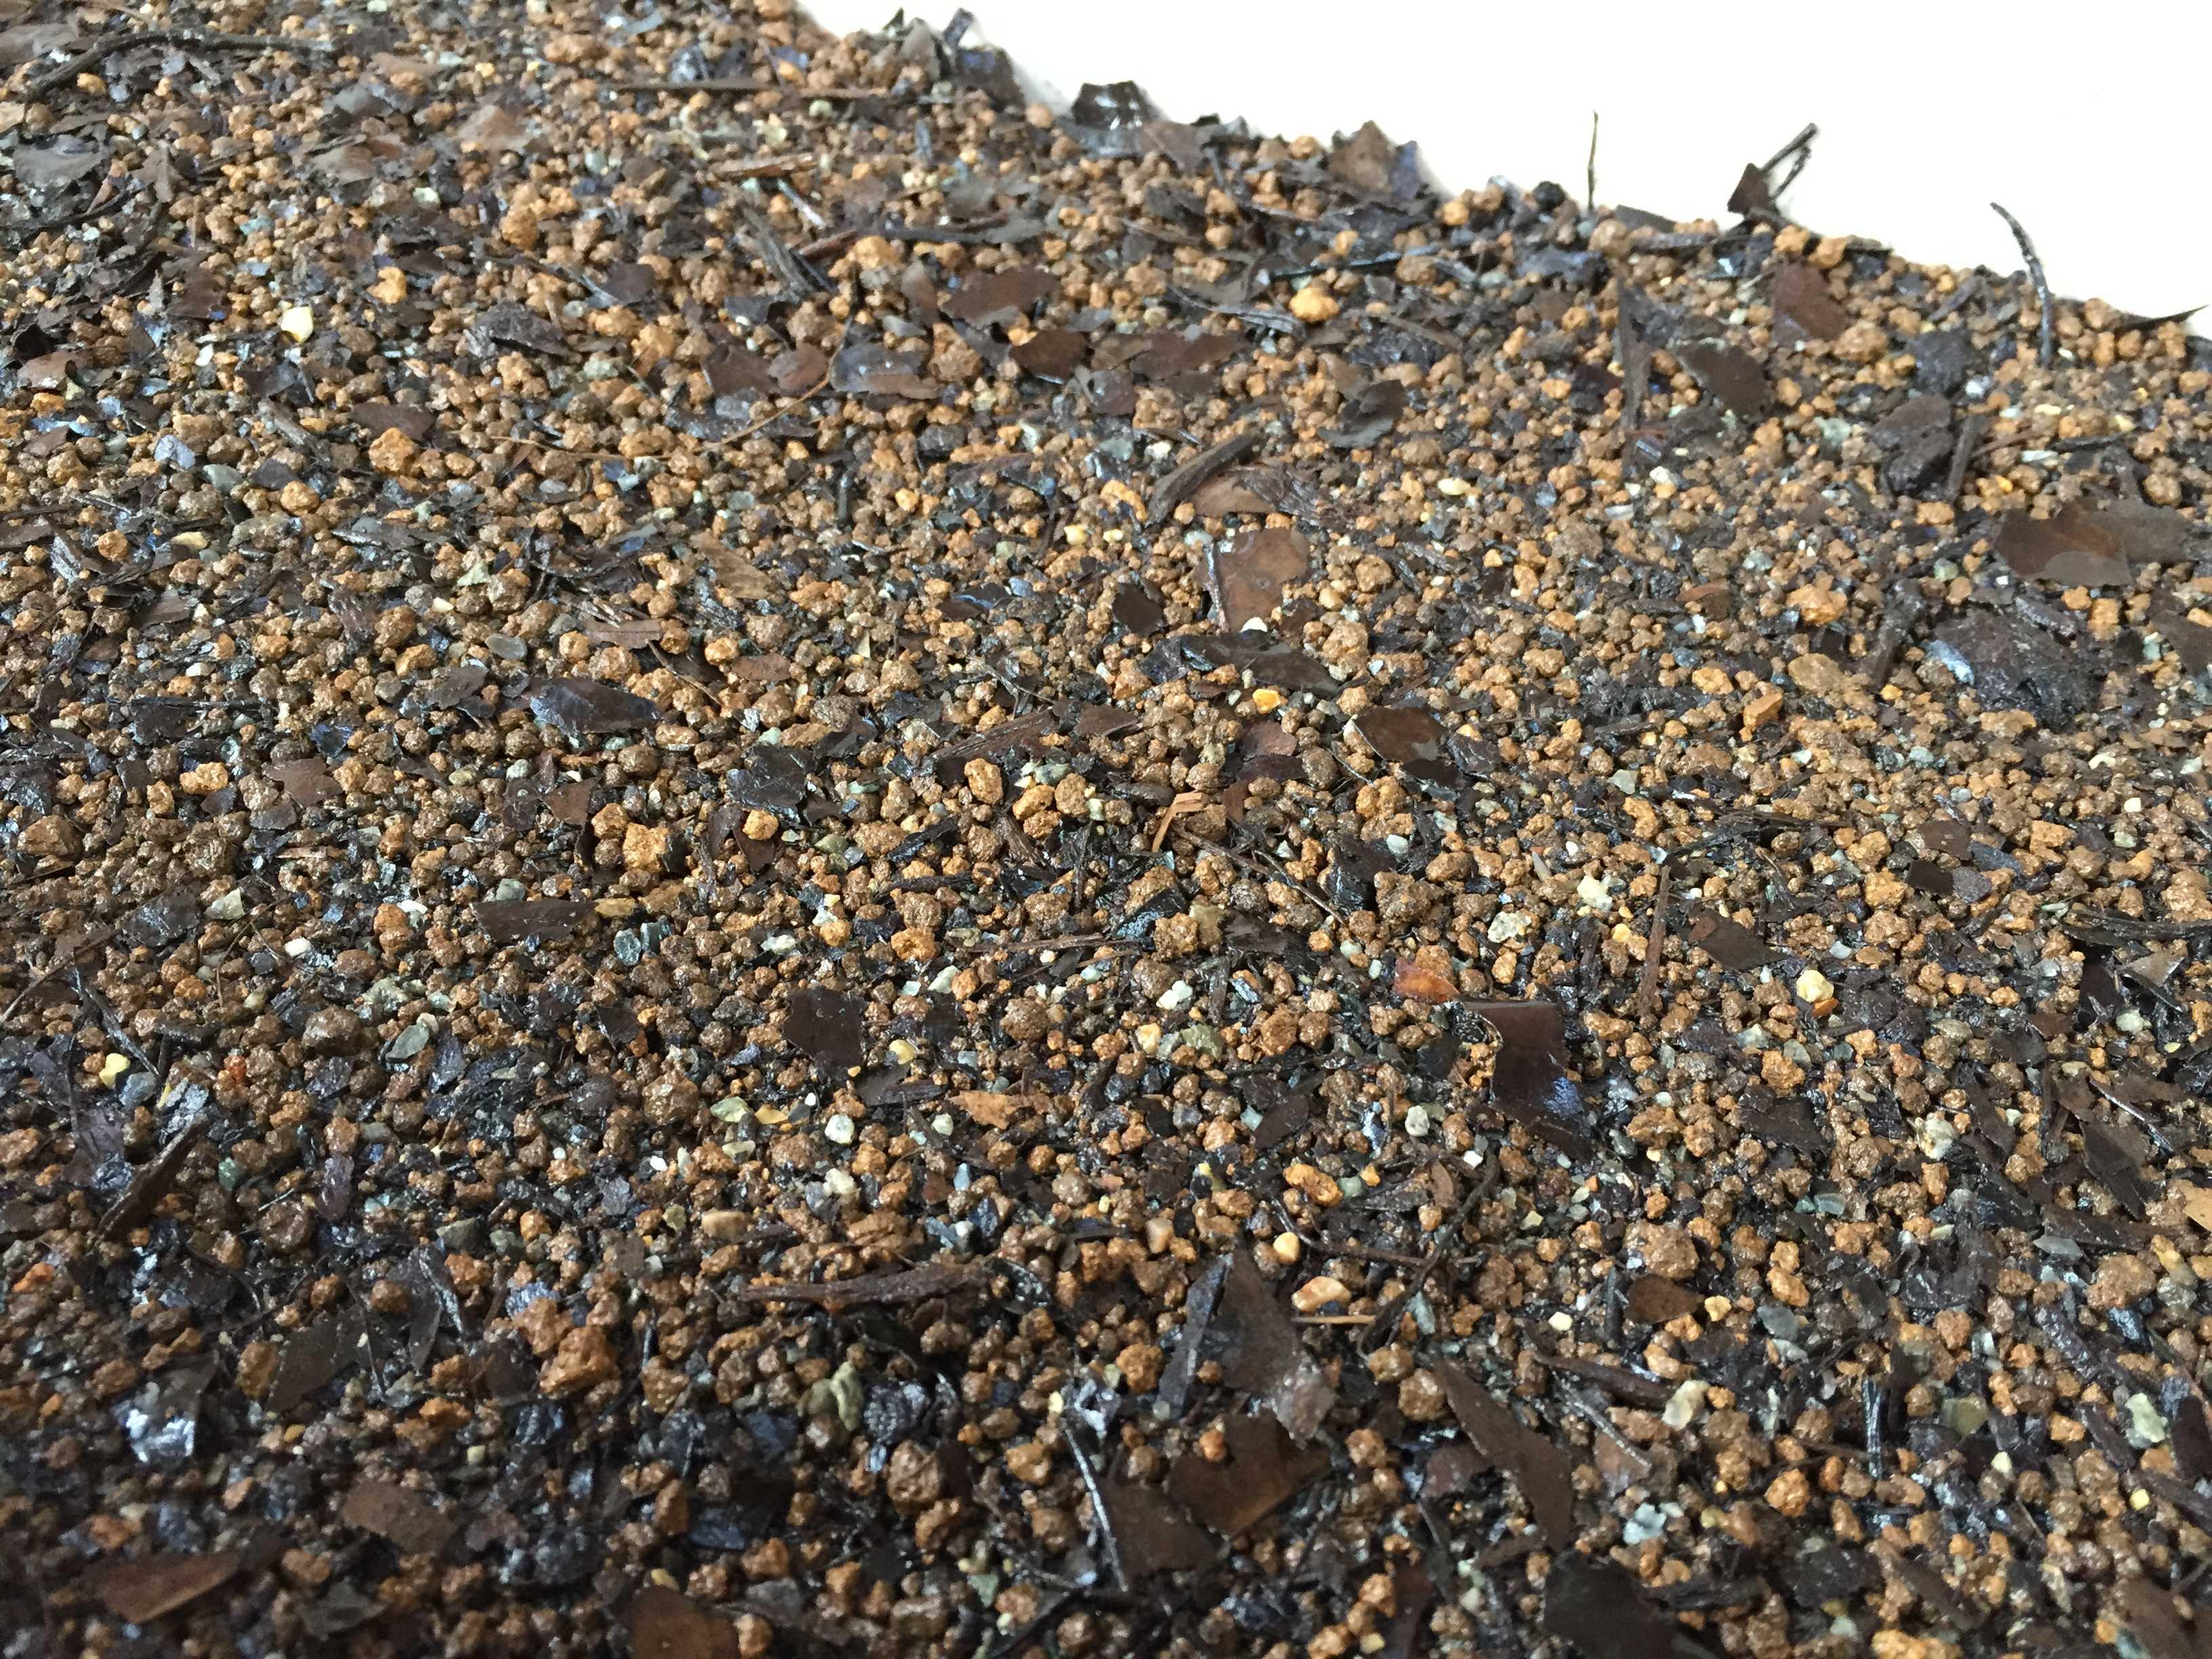 ヤマユリの種子繁殖/実生 - 水撒き